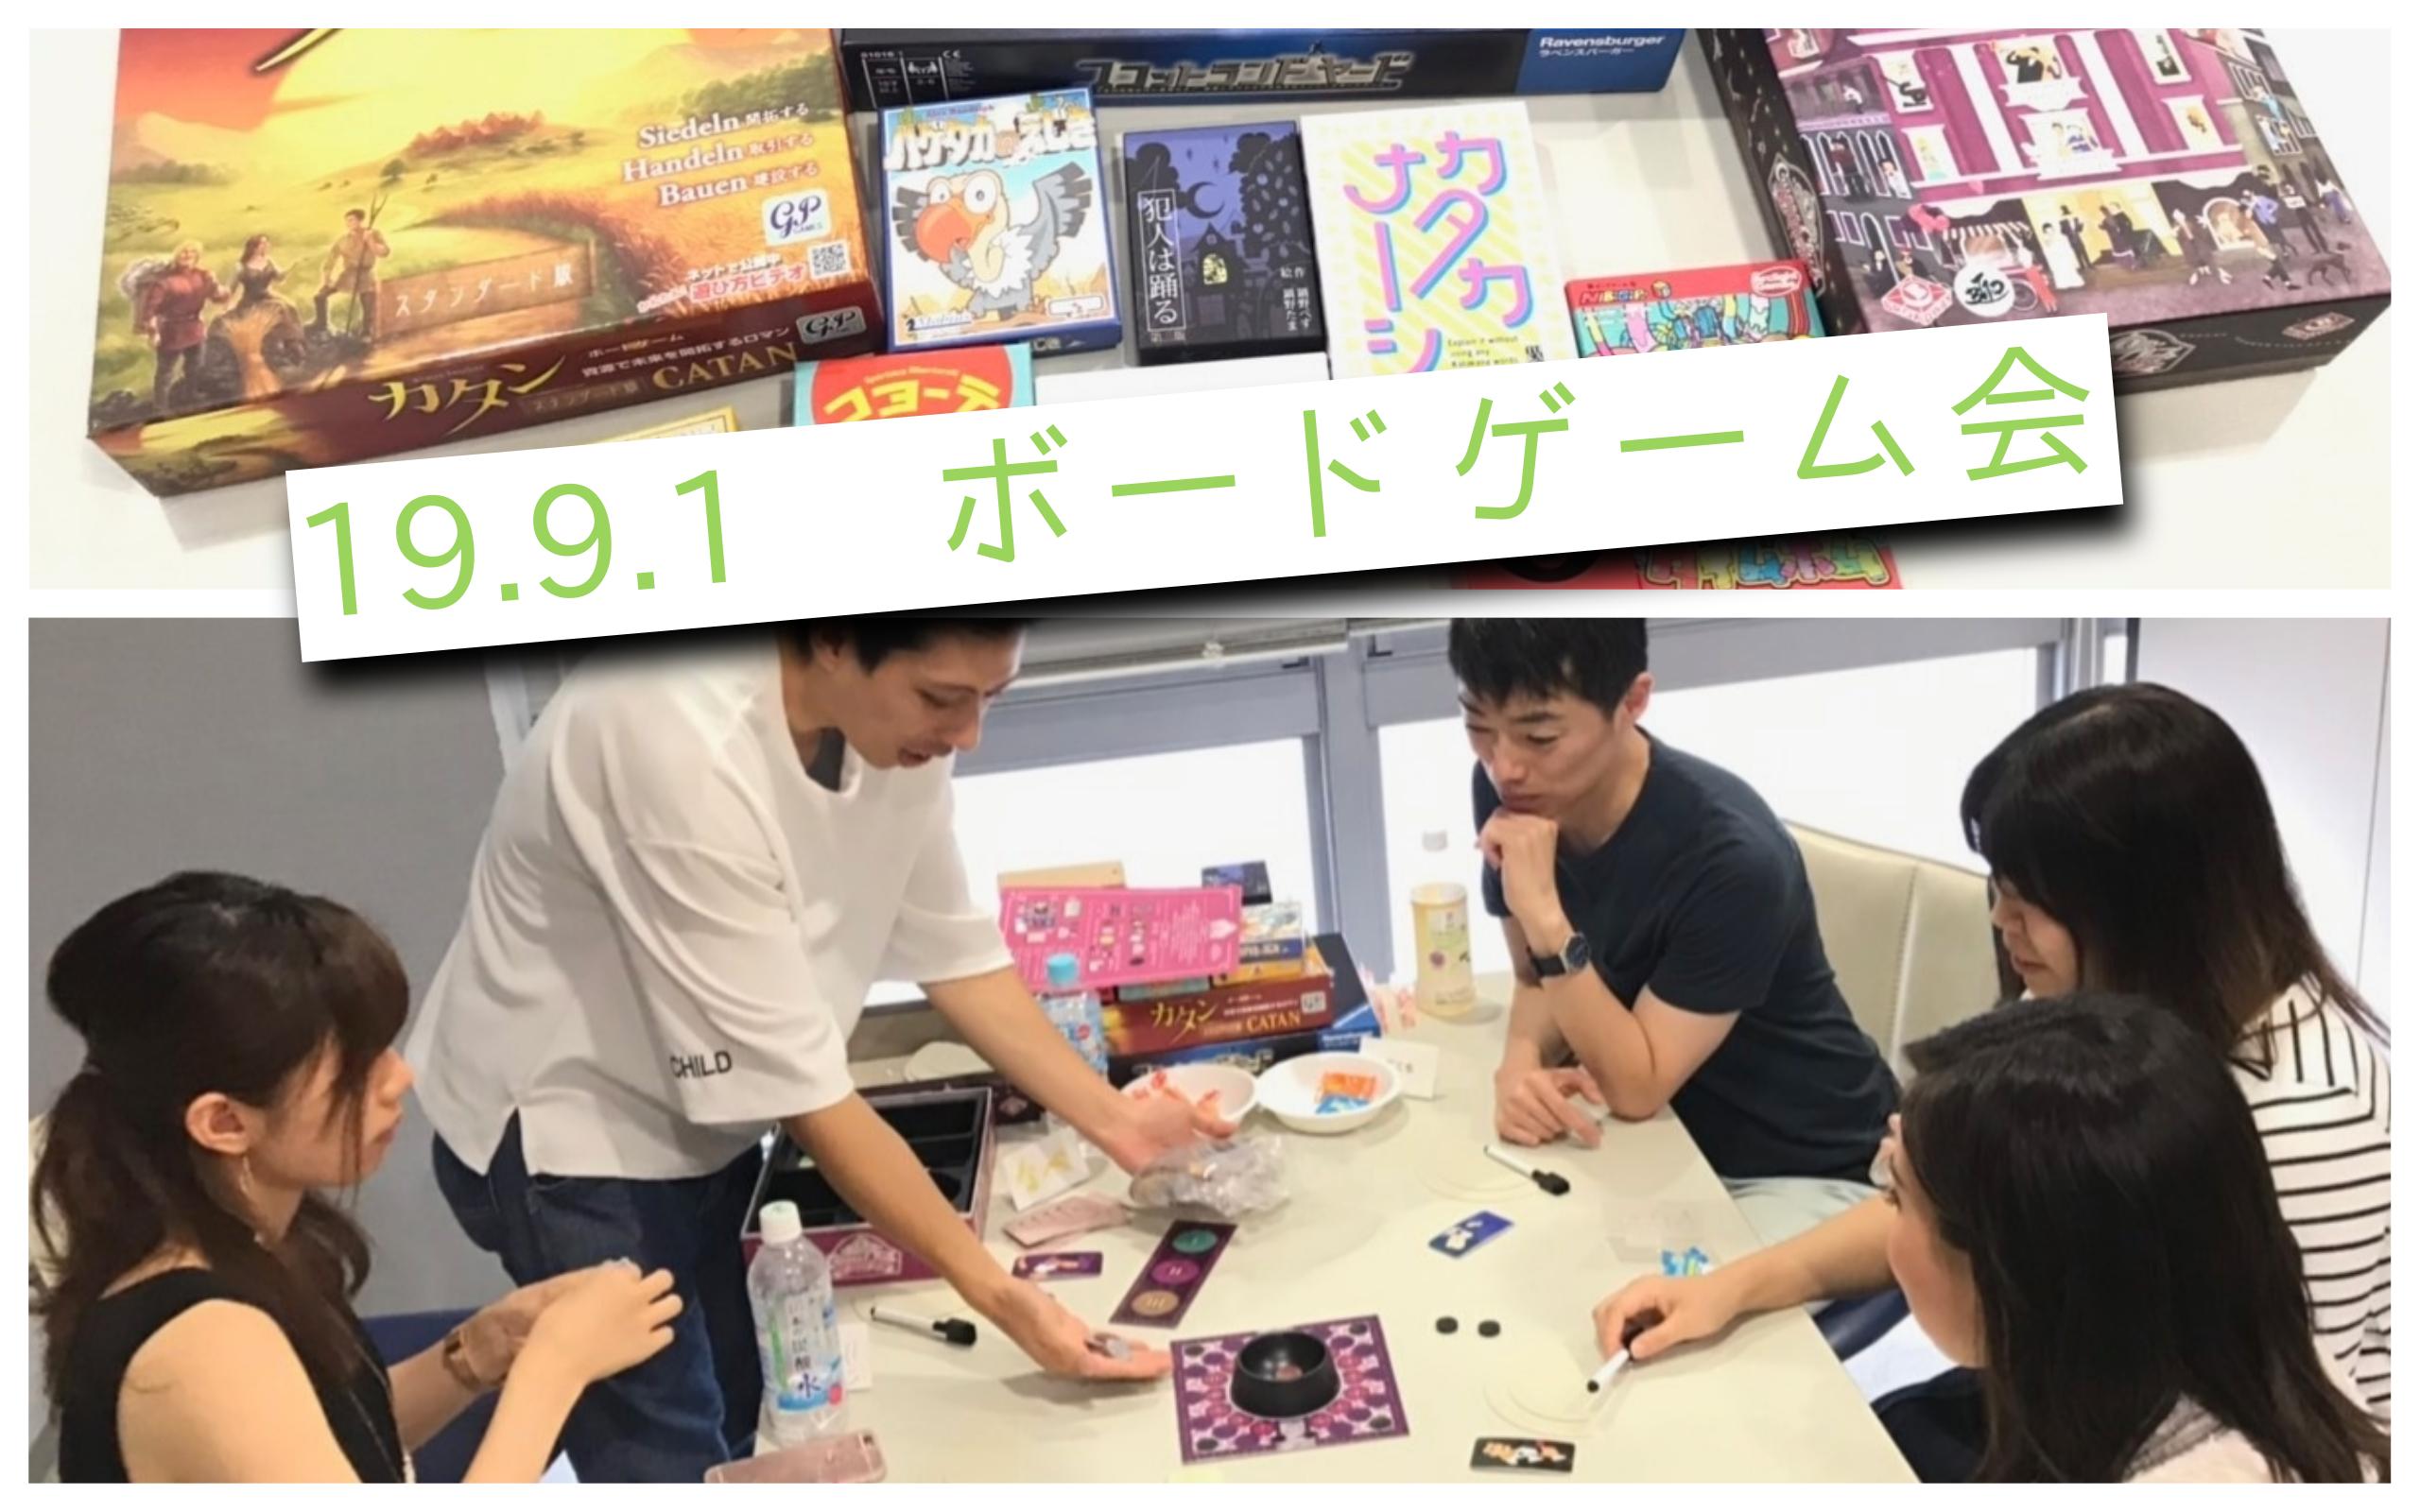 2019.9.1 ボードゲーム会 開催レポート